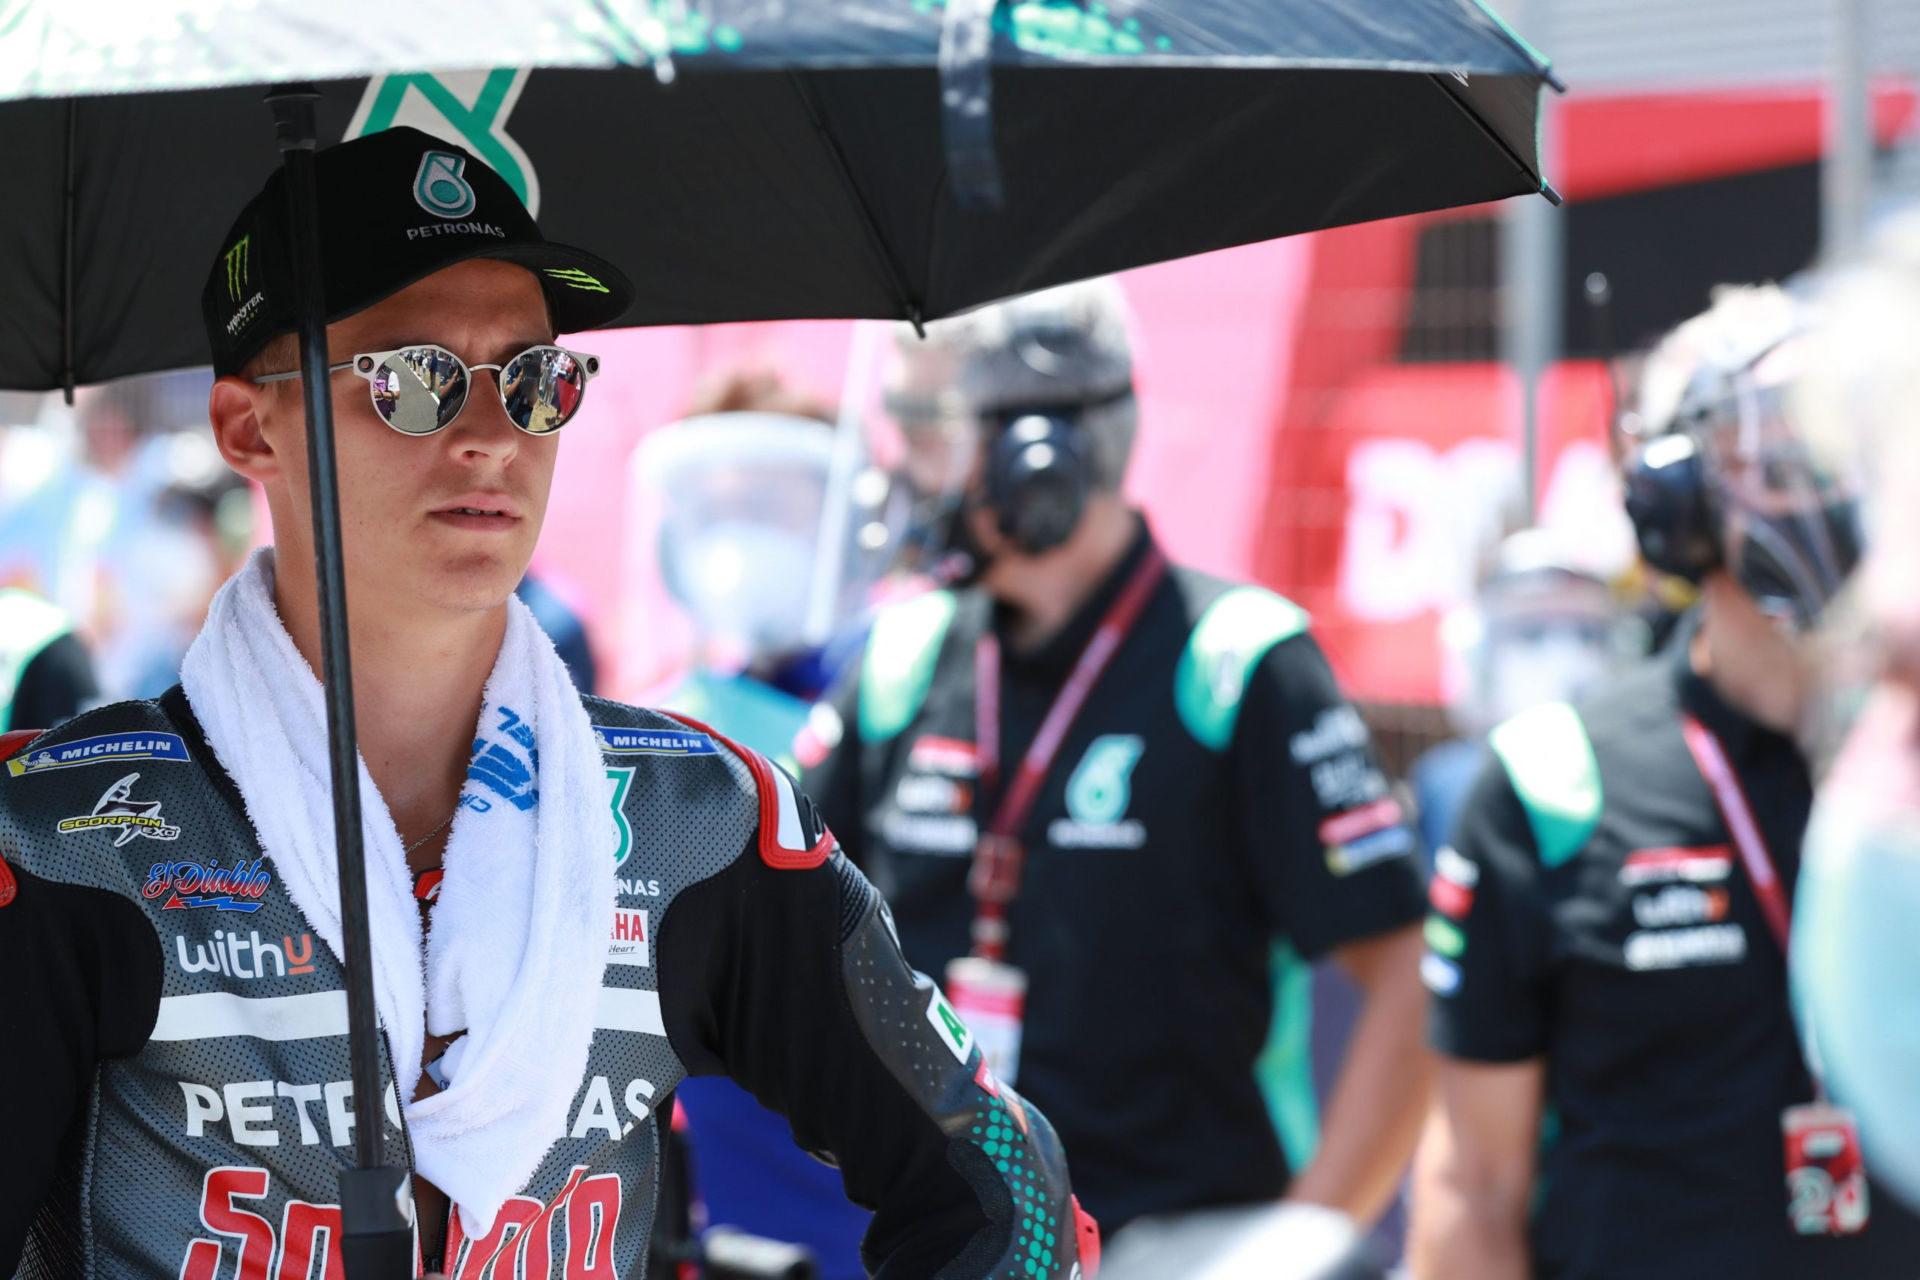 Fabio Quartararo on the grid at Jerez I. Photo courtesy PETRONAS Yamaha SRT.